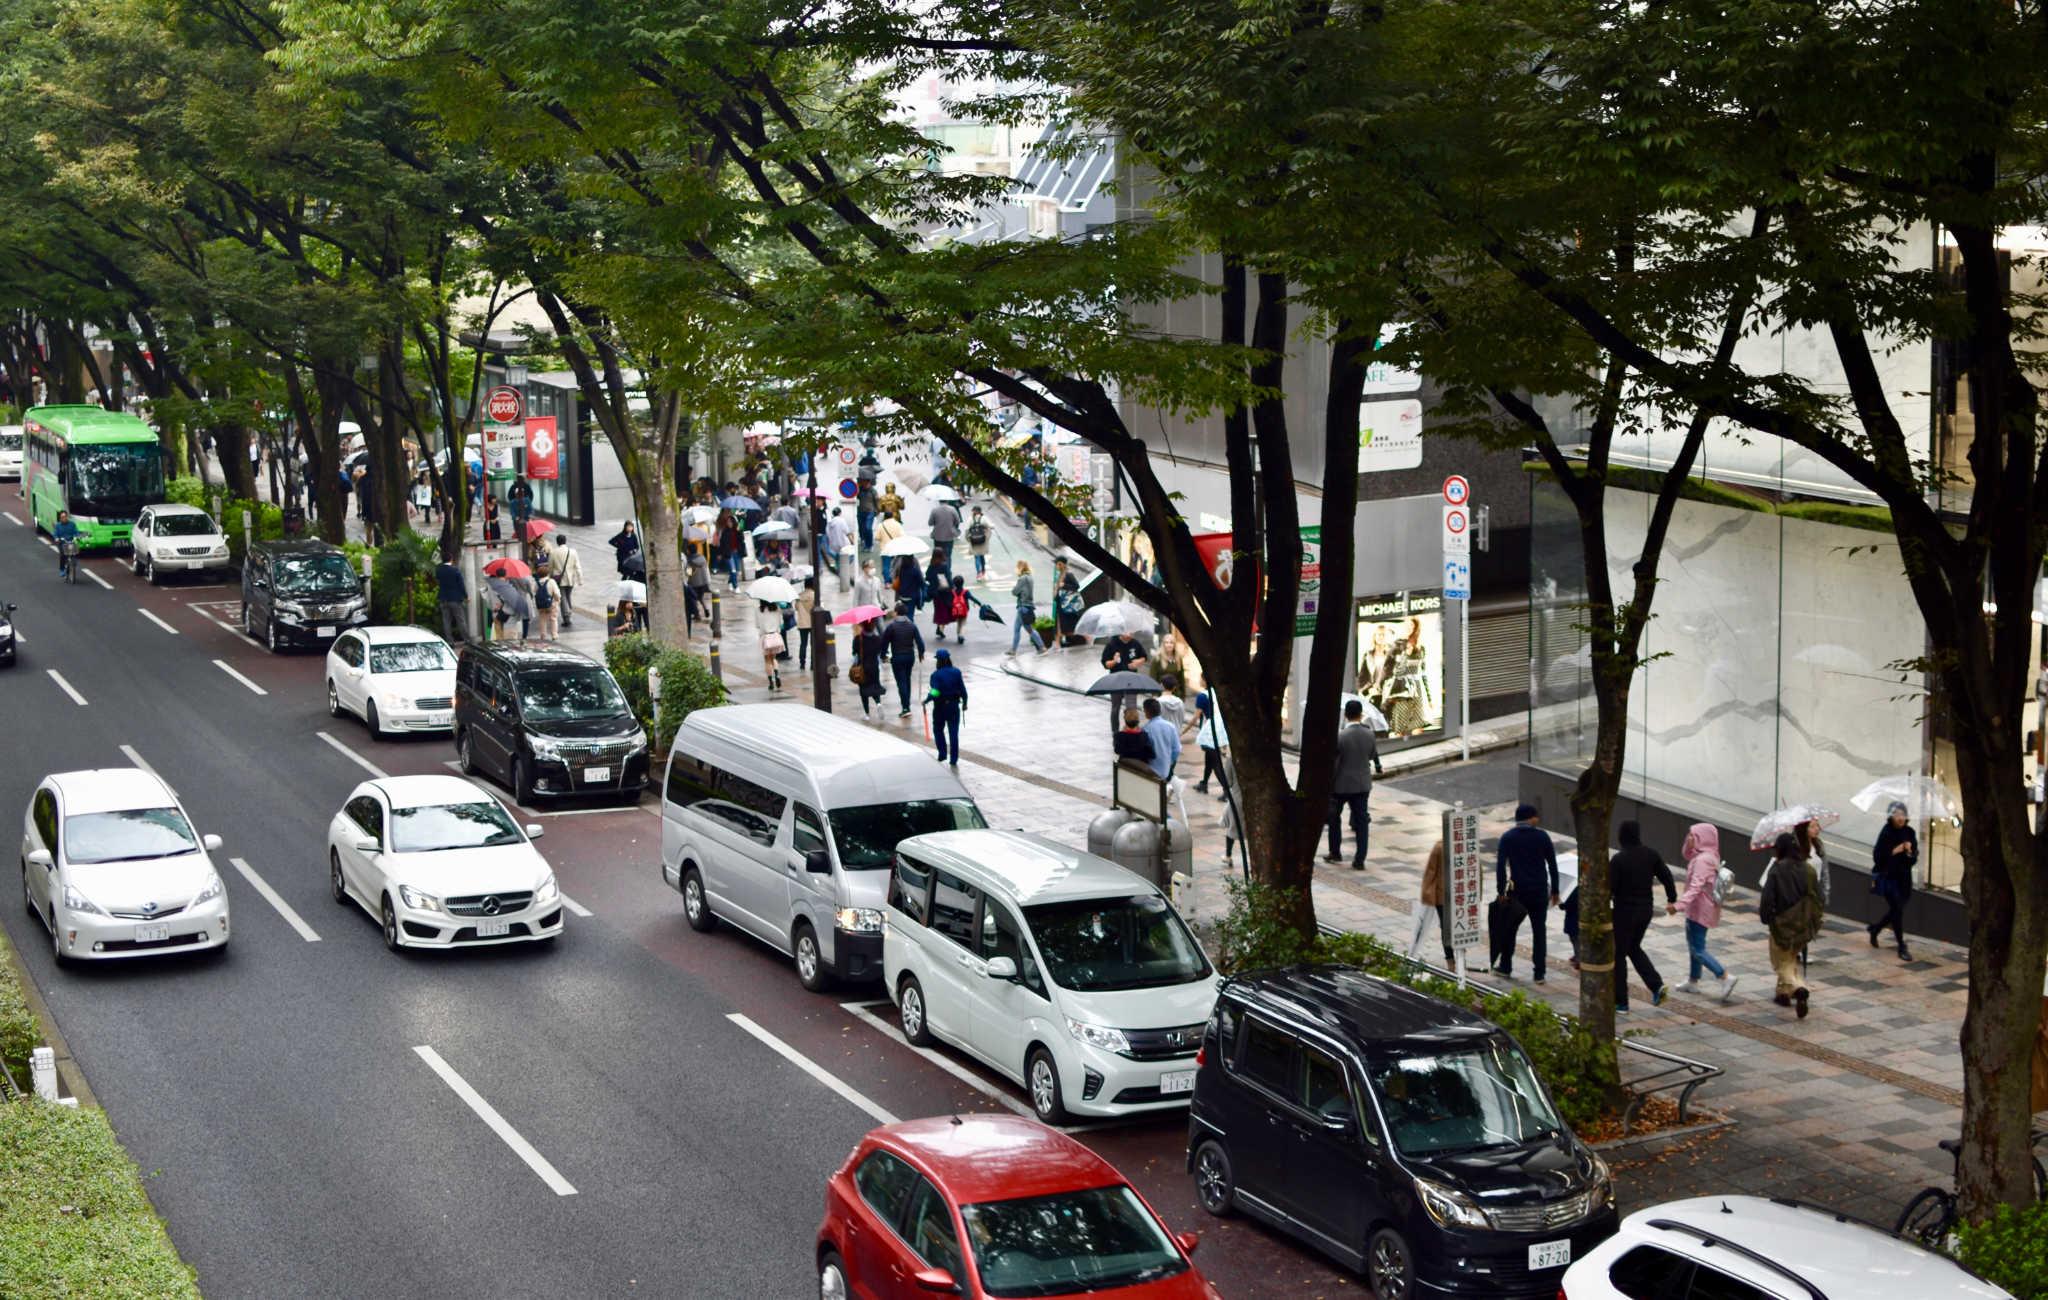 Beaucoup de monde et de voitures dans la rue principale